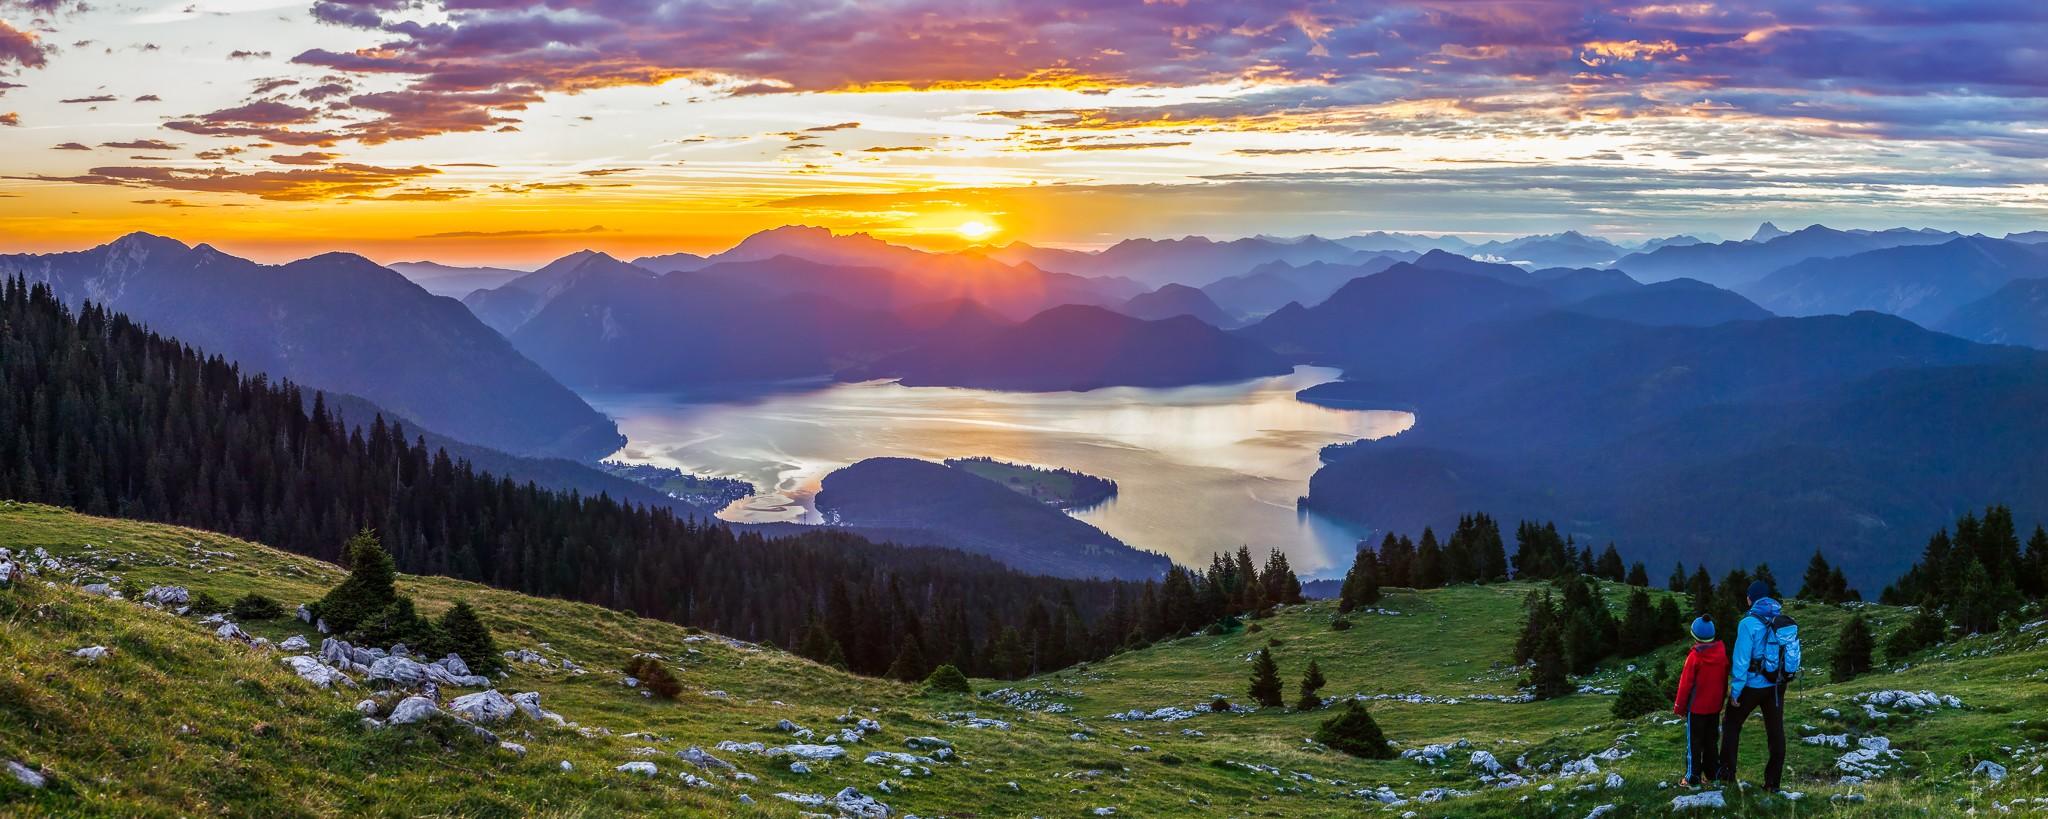 Sonnenaufgang mit knalligen Farben am Simetsberg. Unten ist der Walchensee.